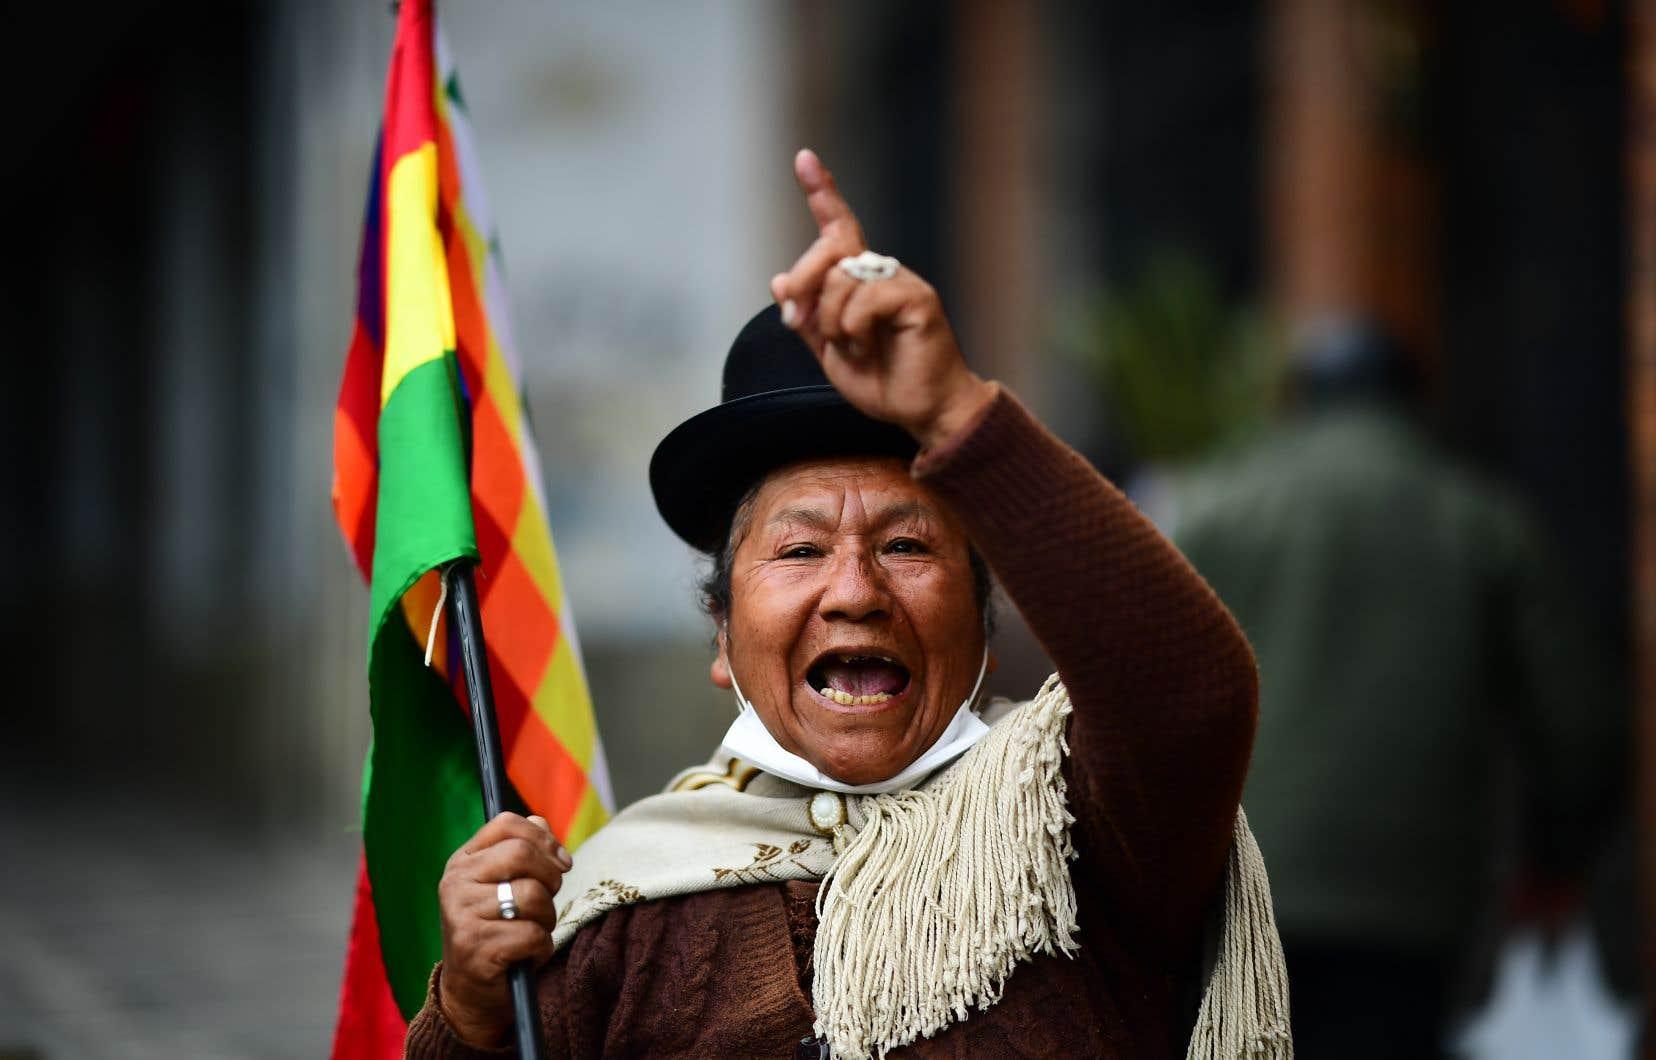 Une manifestante brandit un Wiphala, le drapeau andin indigène multicolore que l'ex-président Evo Morales a introduit comme symbole national en 2009.